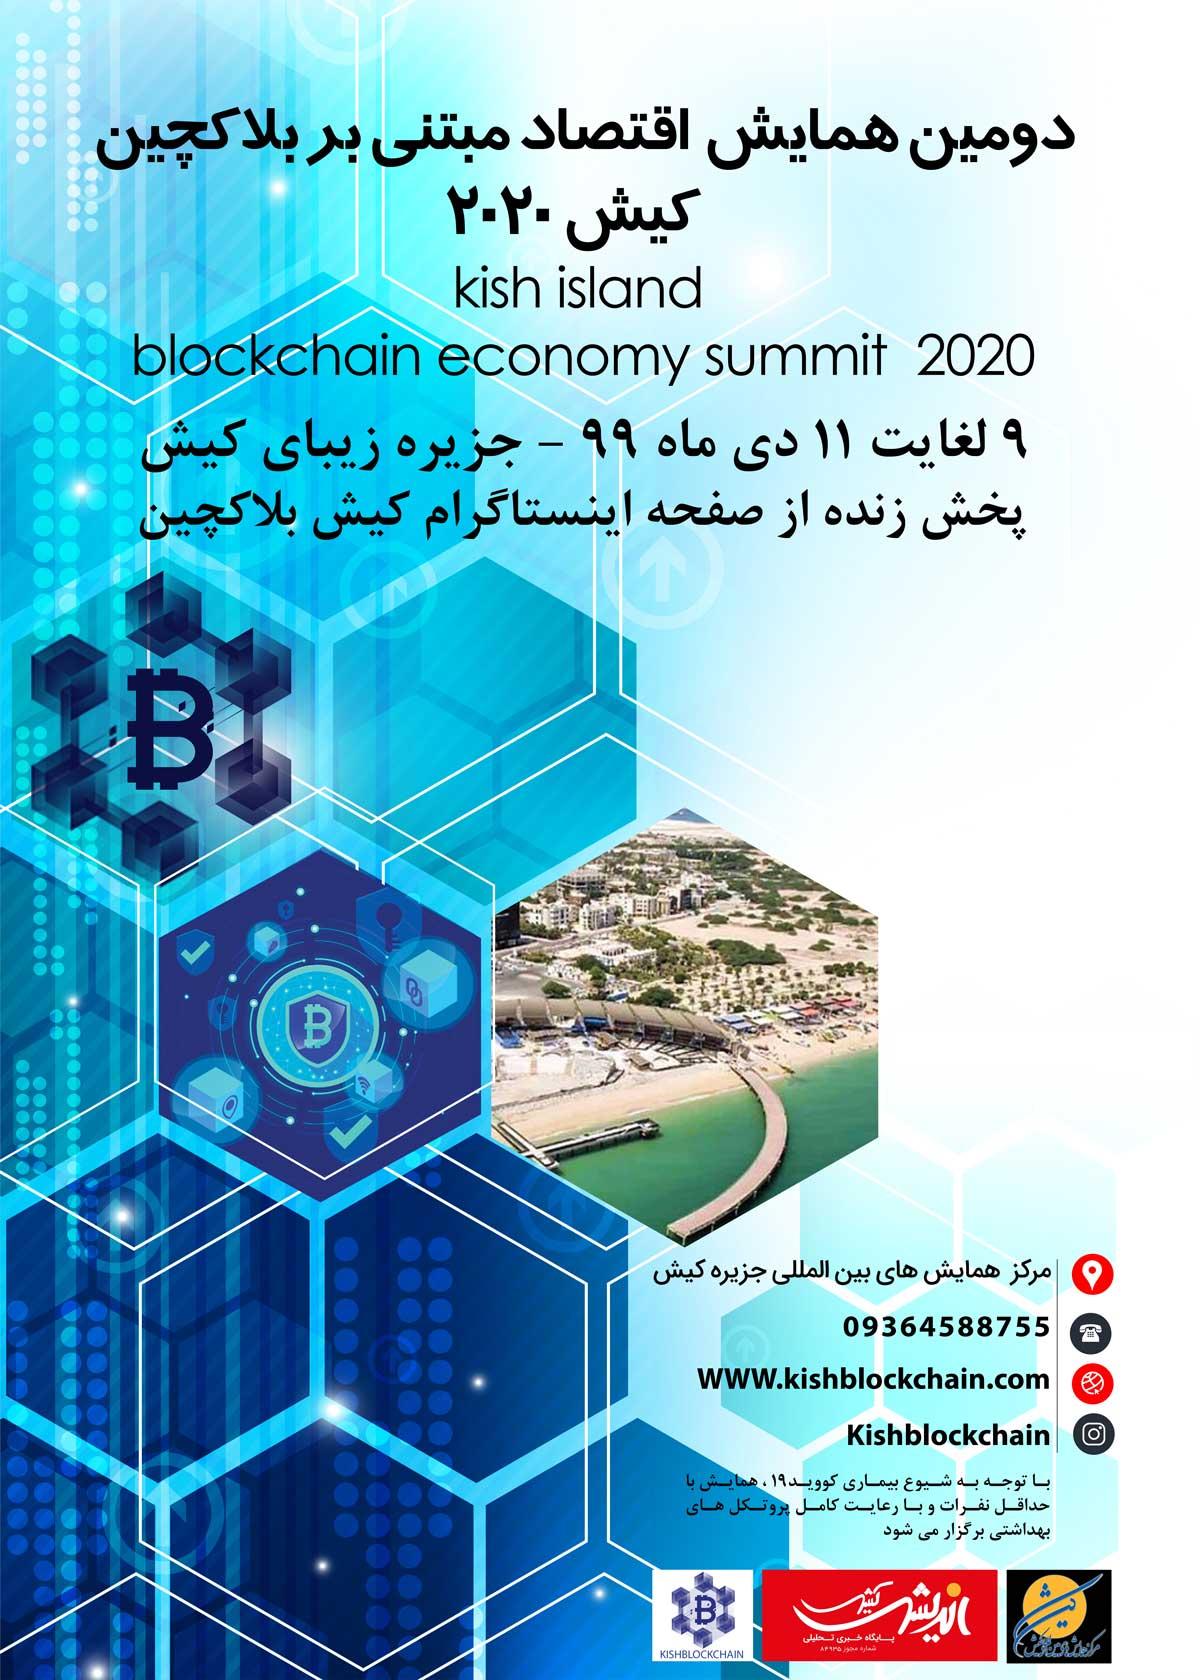 برگزاری دومین همایش بلاکچین و رمز ارزها در جزیره کیش